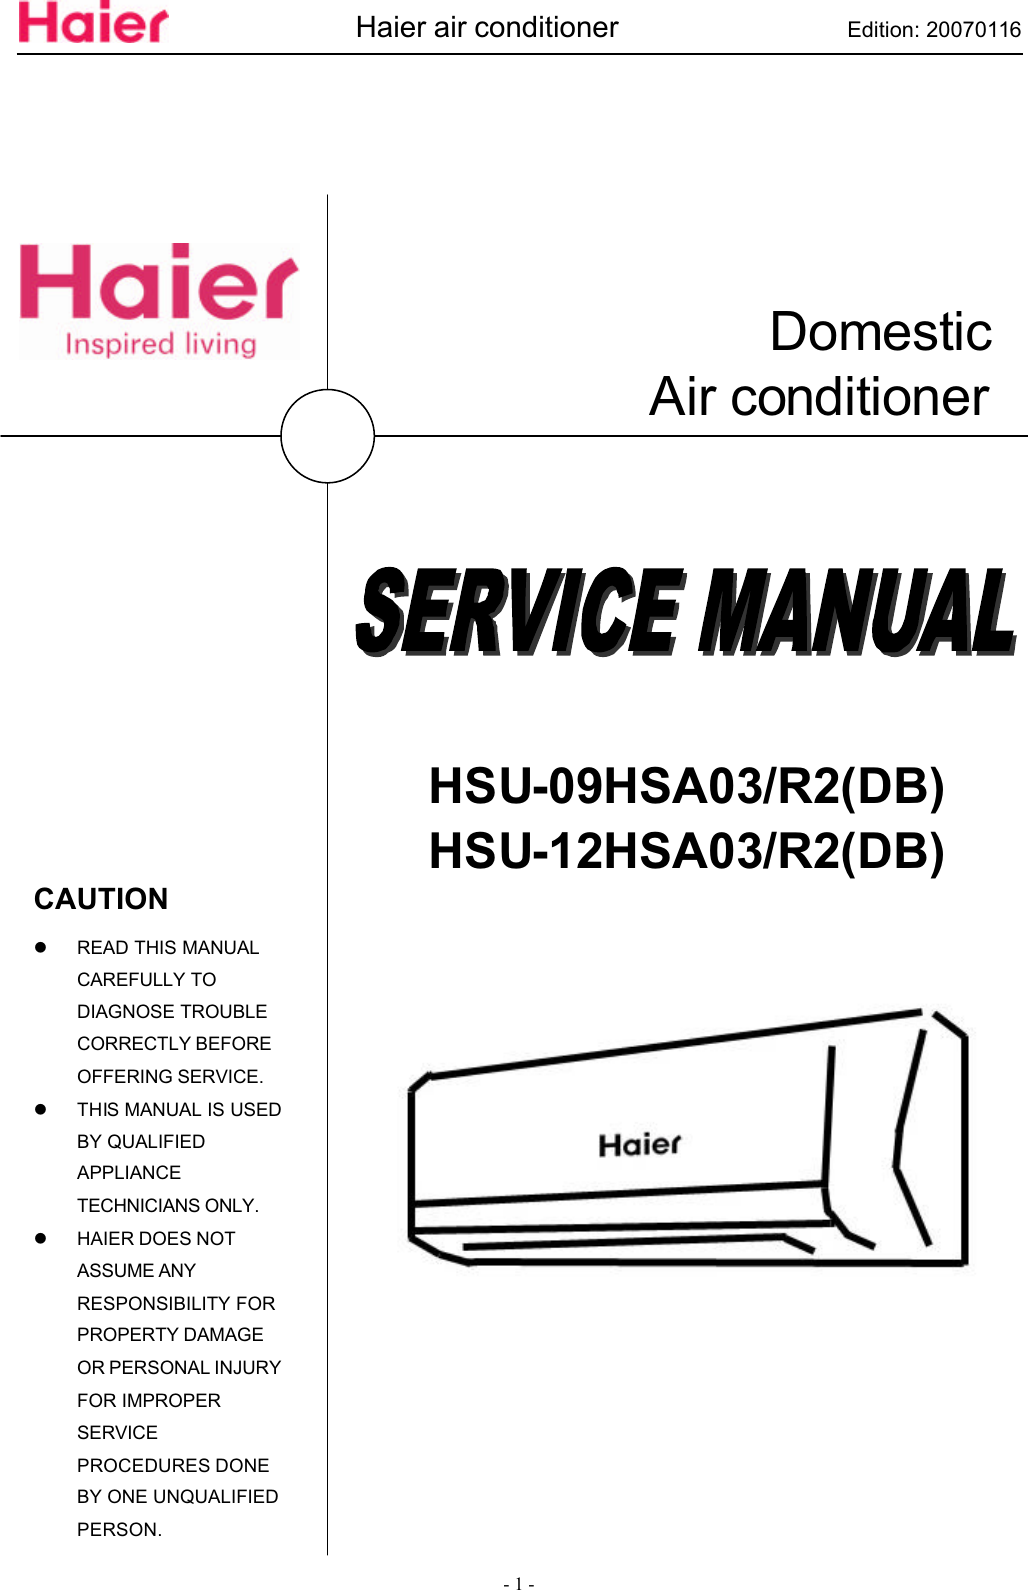 Haier Air Conditioner Wiring Diagram - All Diagram Schematics on